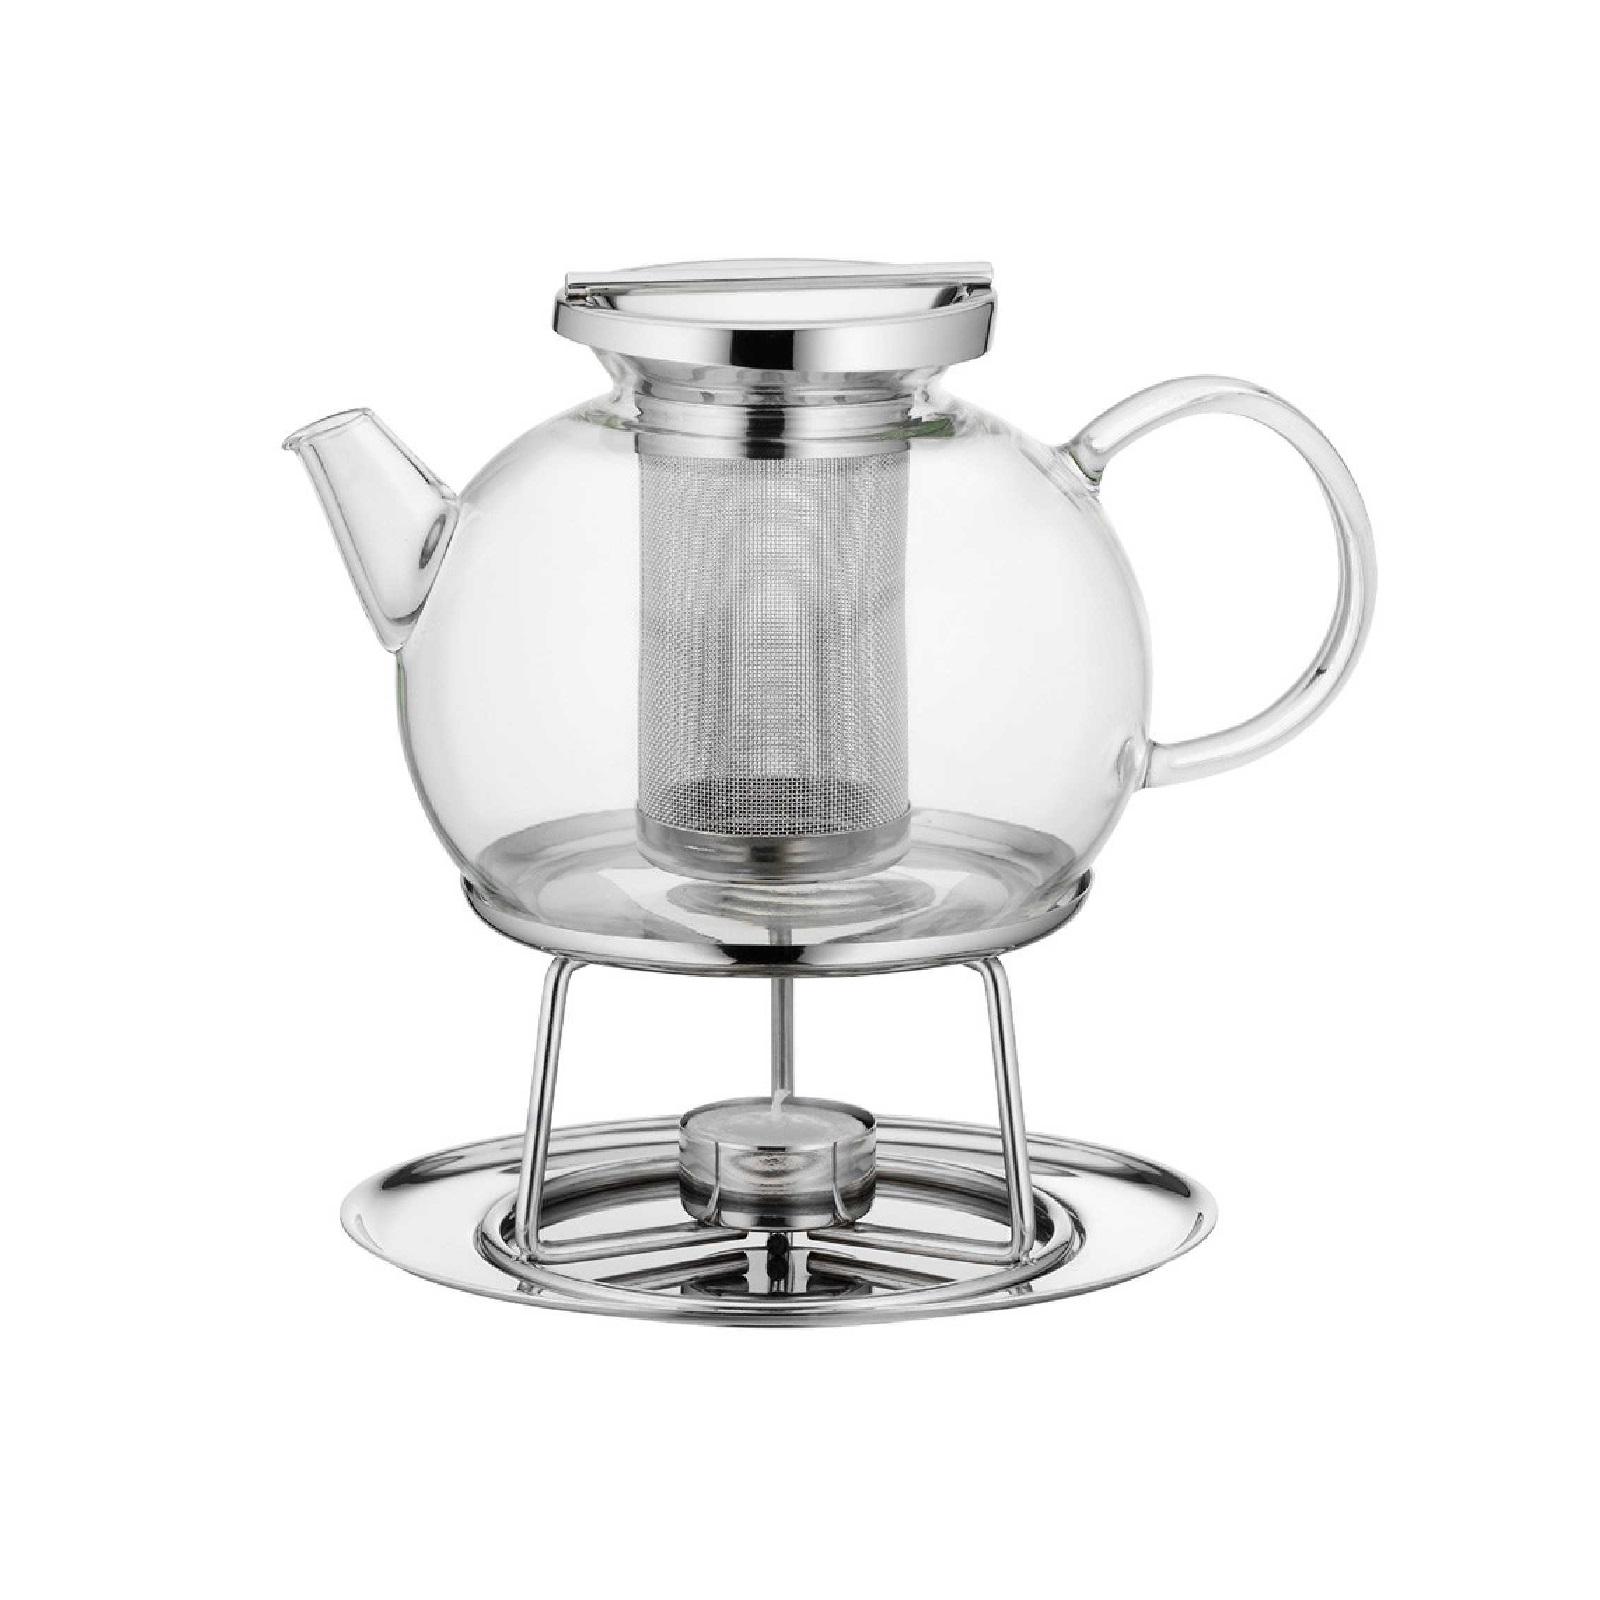 Чайник заварочный с подогревом WMF, объем 0,75 л, прозрачный WMF 06 3080 6040 фото 1